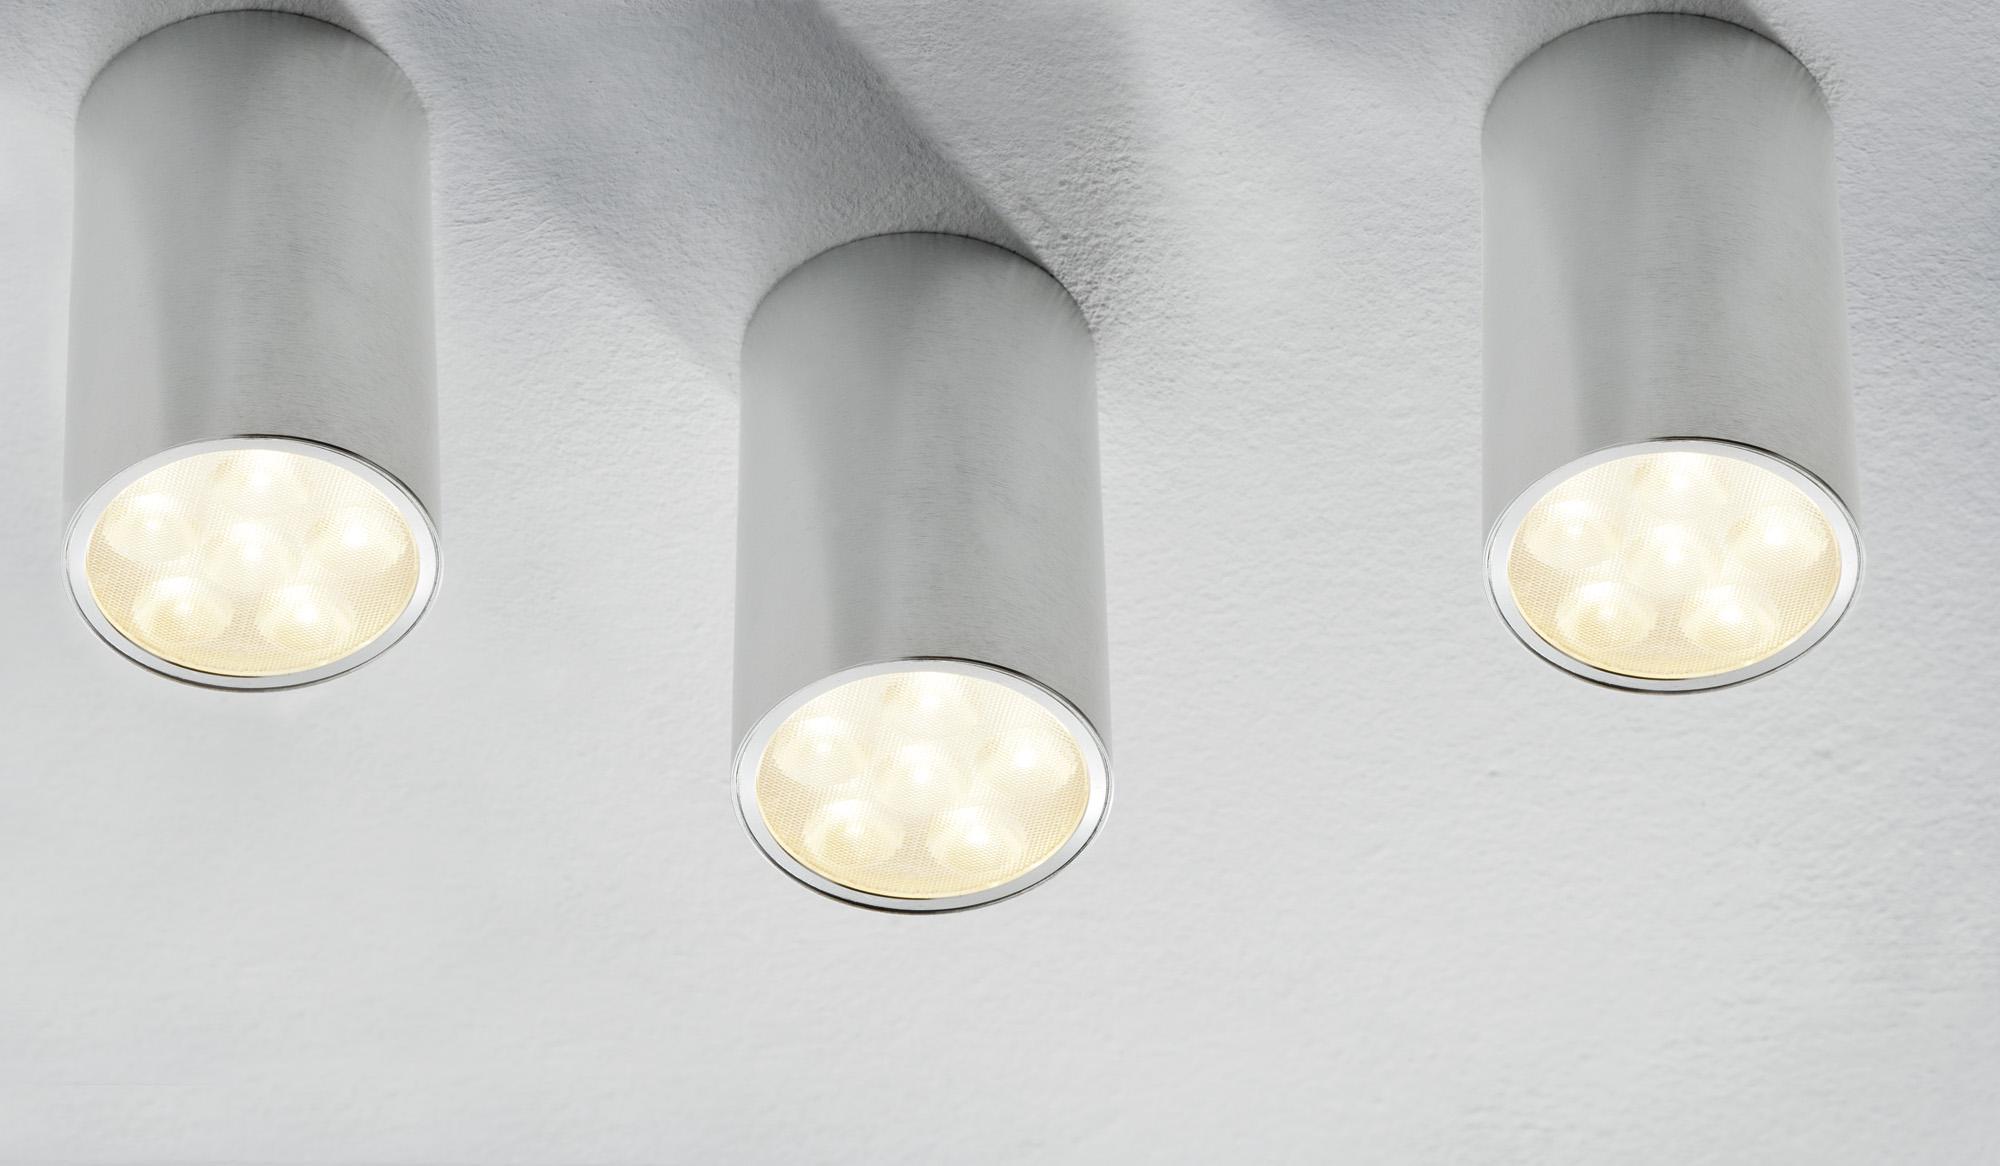 paulmann aufbauleuchte premium line led barrel 6w. Black Bedroom Furniture Sets. Home Design Ideas